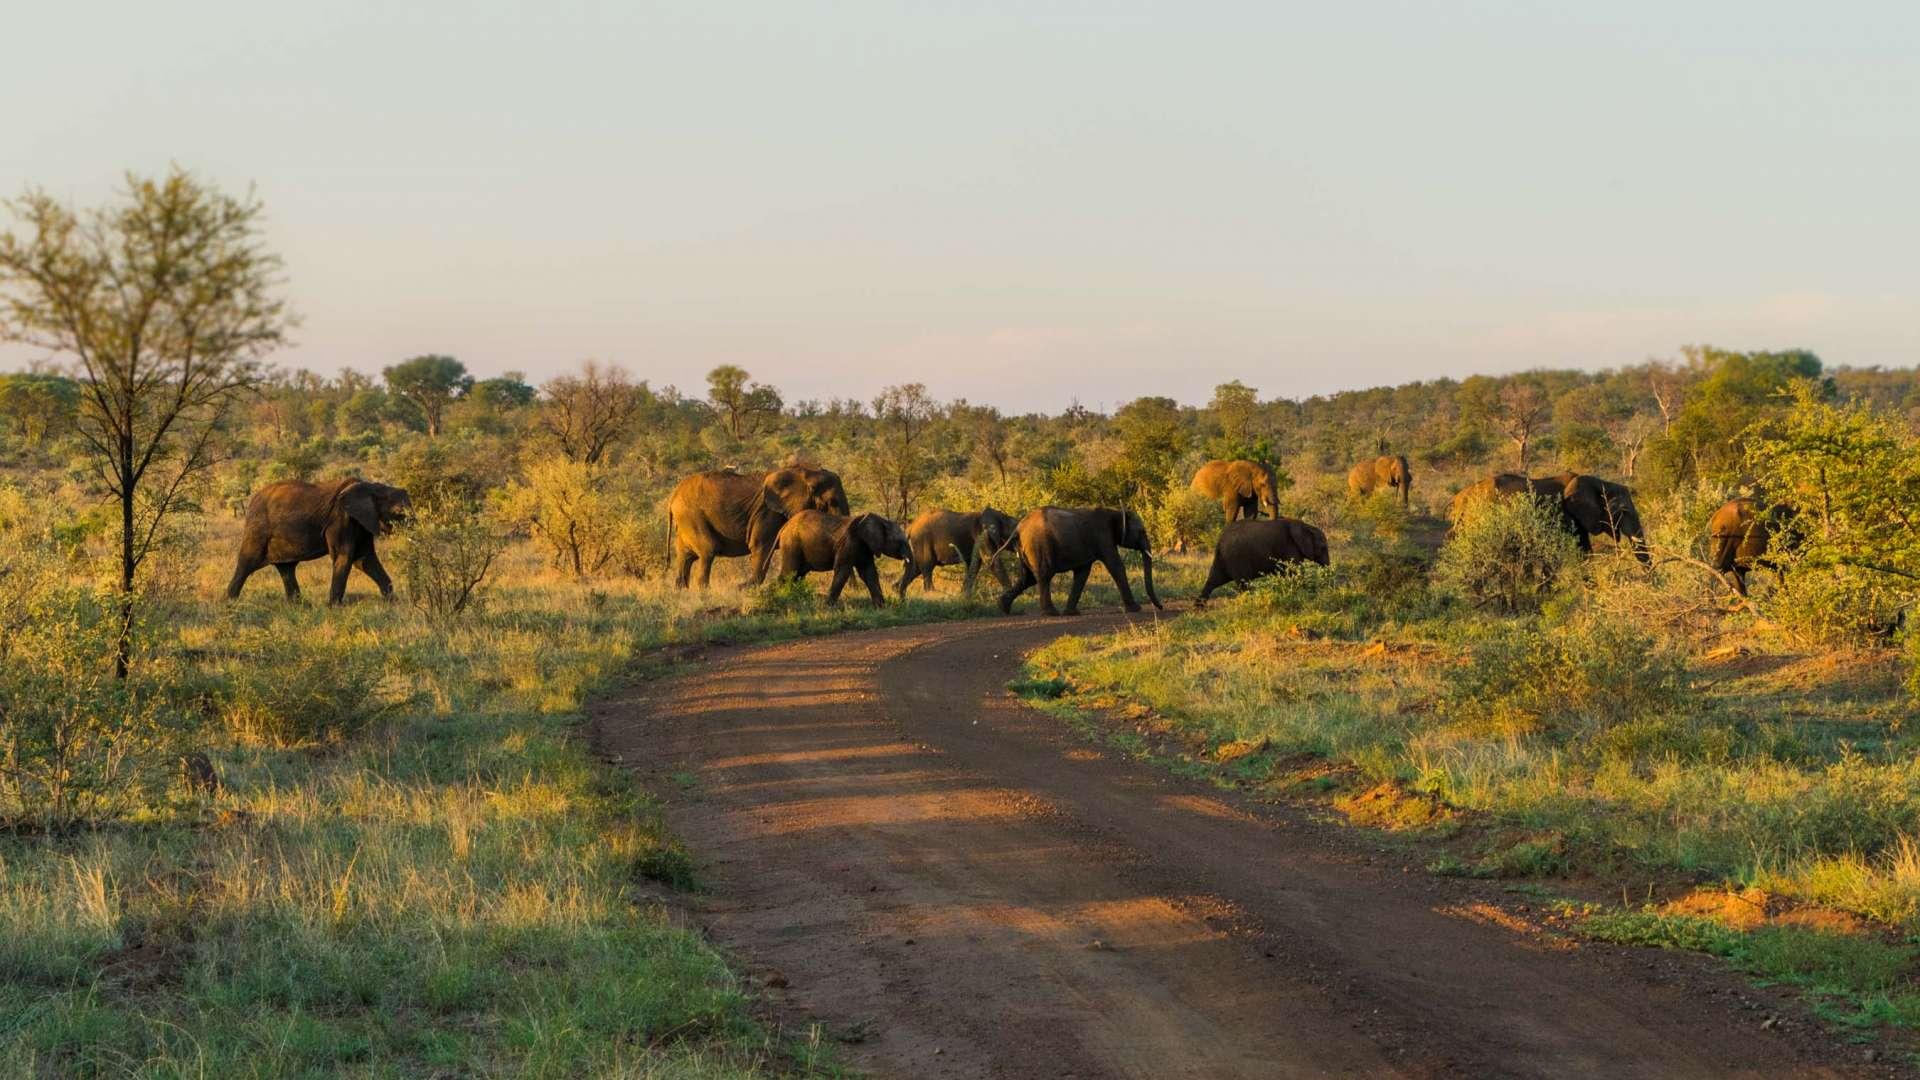 south africa madikwe safari pescart mosetlha bush camp elephant pack